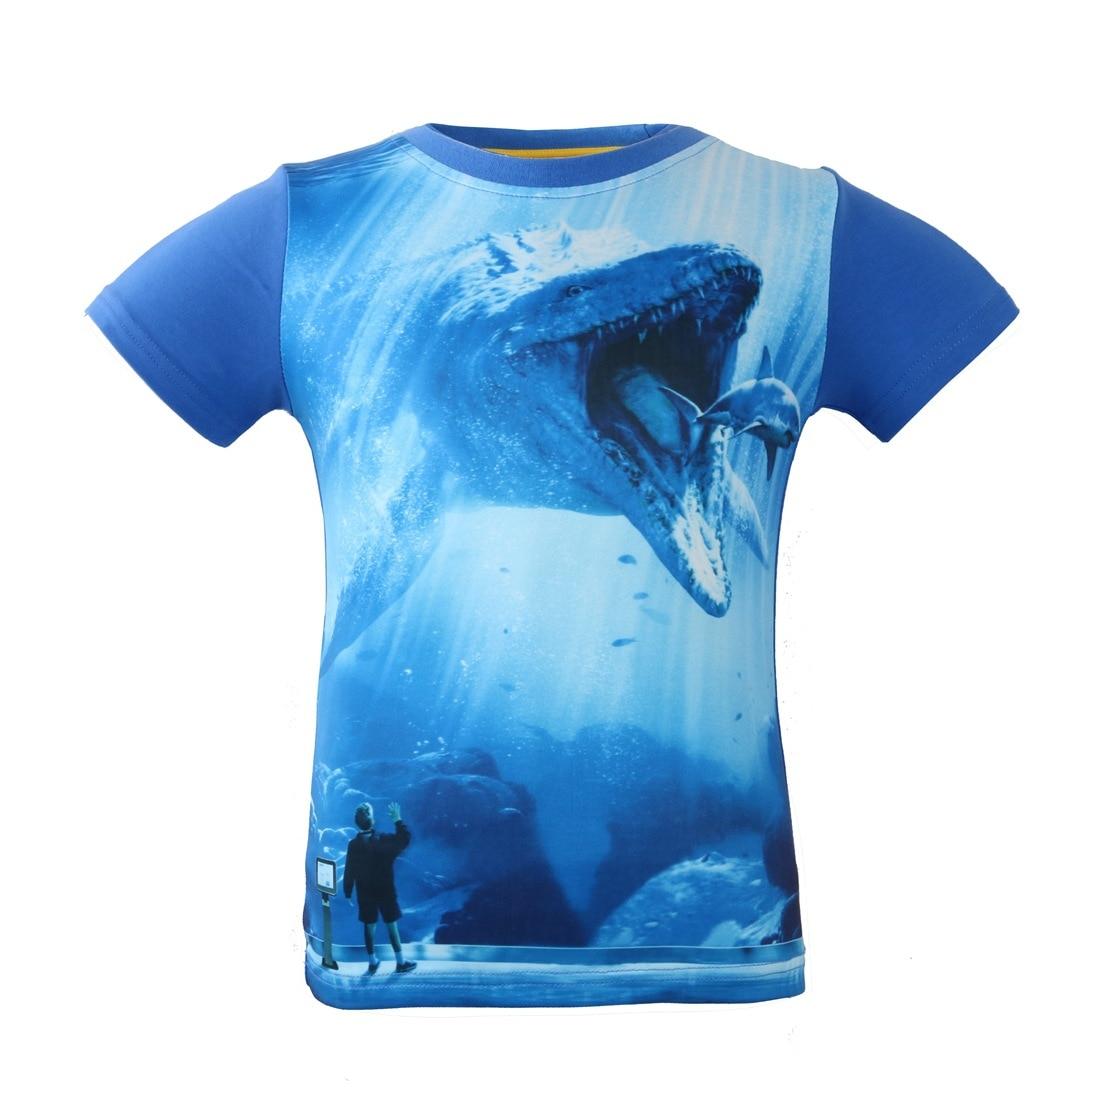 GüNstig Einkaufen 2018 Sommer Kinder Tees Dinosaurier Stil Jungen Kurzarm T-shirts Jurassic Welt Tops T Shirts